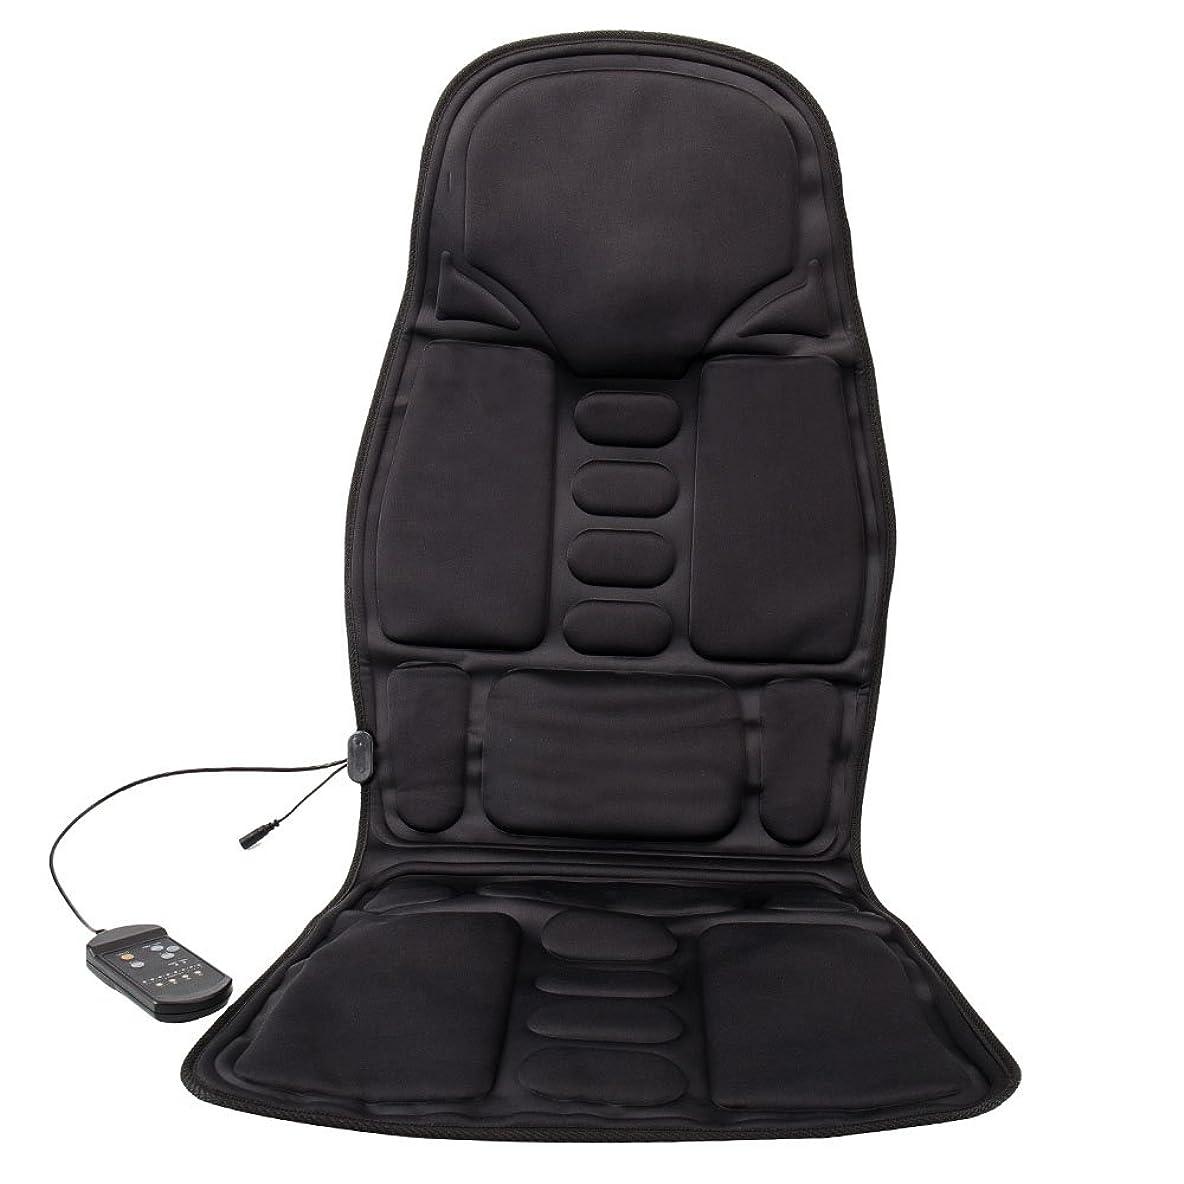 怖がらせる言語学繁雑Scorpiuse1_jp マッサージシート ヒーター搭載 マッサージ機 エアバッグ 安全 車載用/家庭用 椅子 優しい